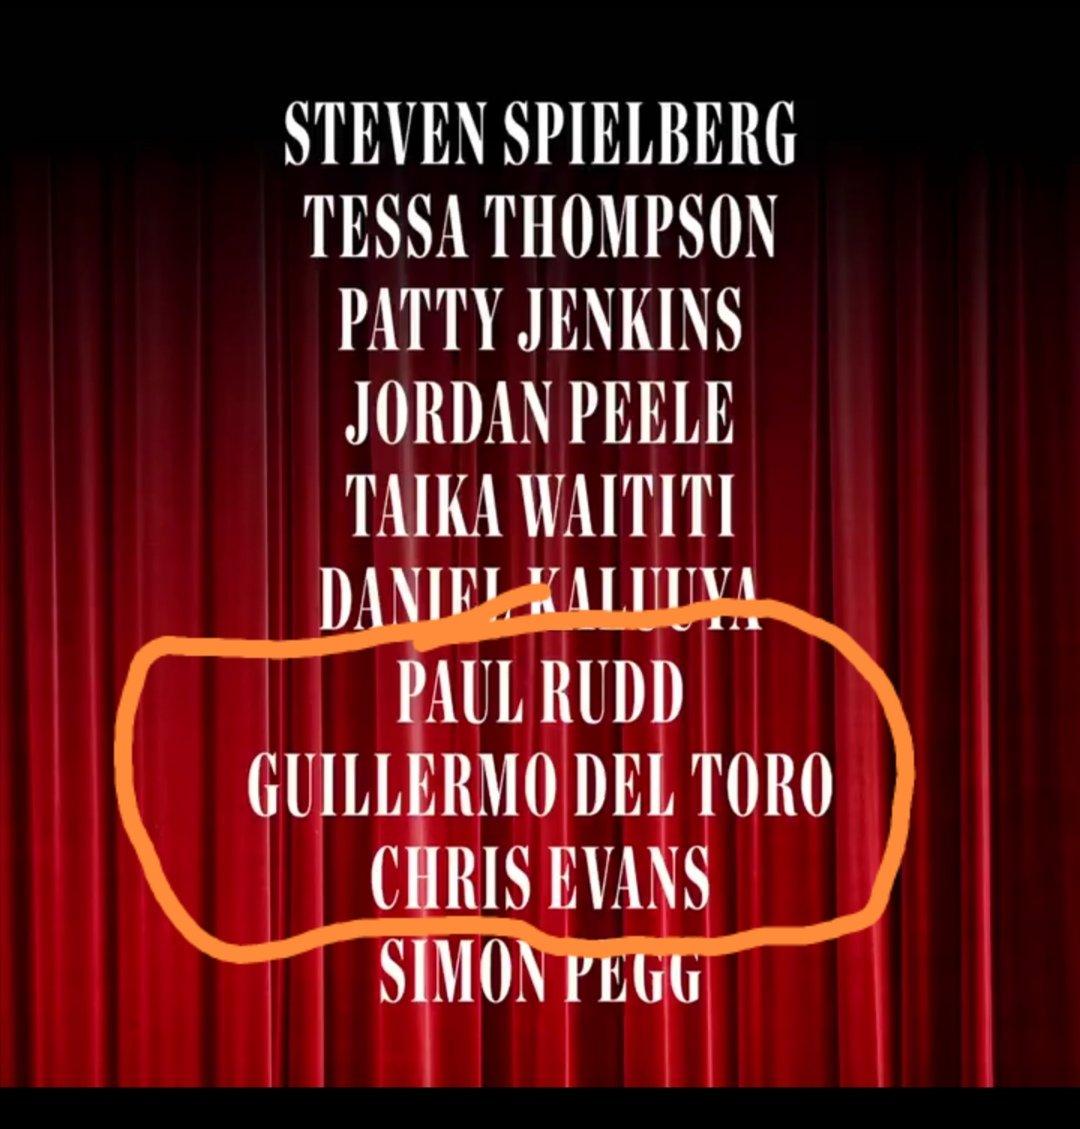 Pues a mi si me andaba gustando ver en una película de @RealGDT a @ChrisEvans y #PaulRudd